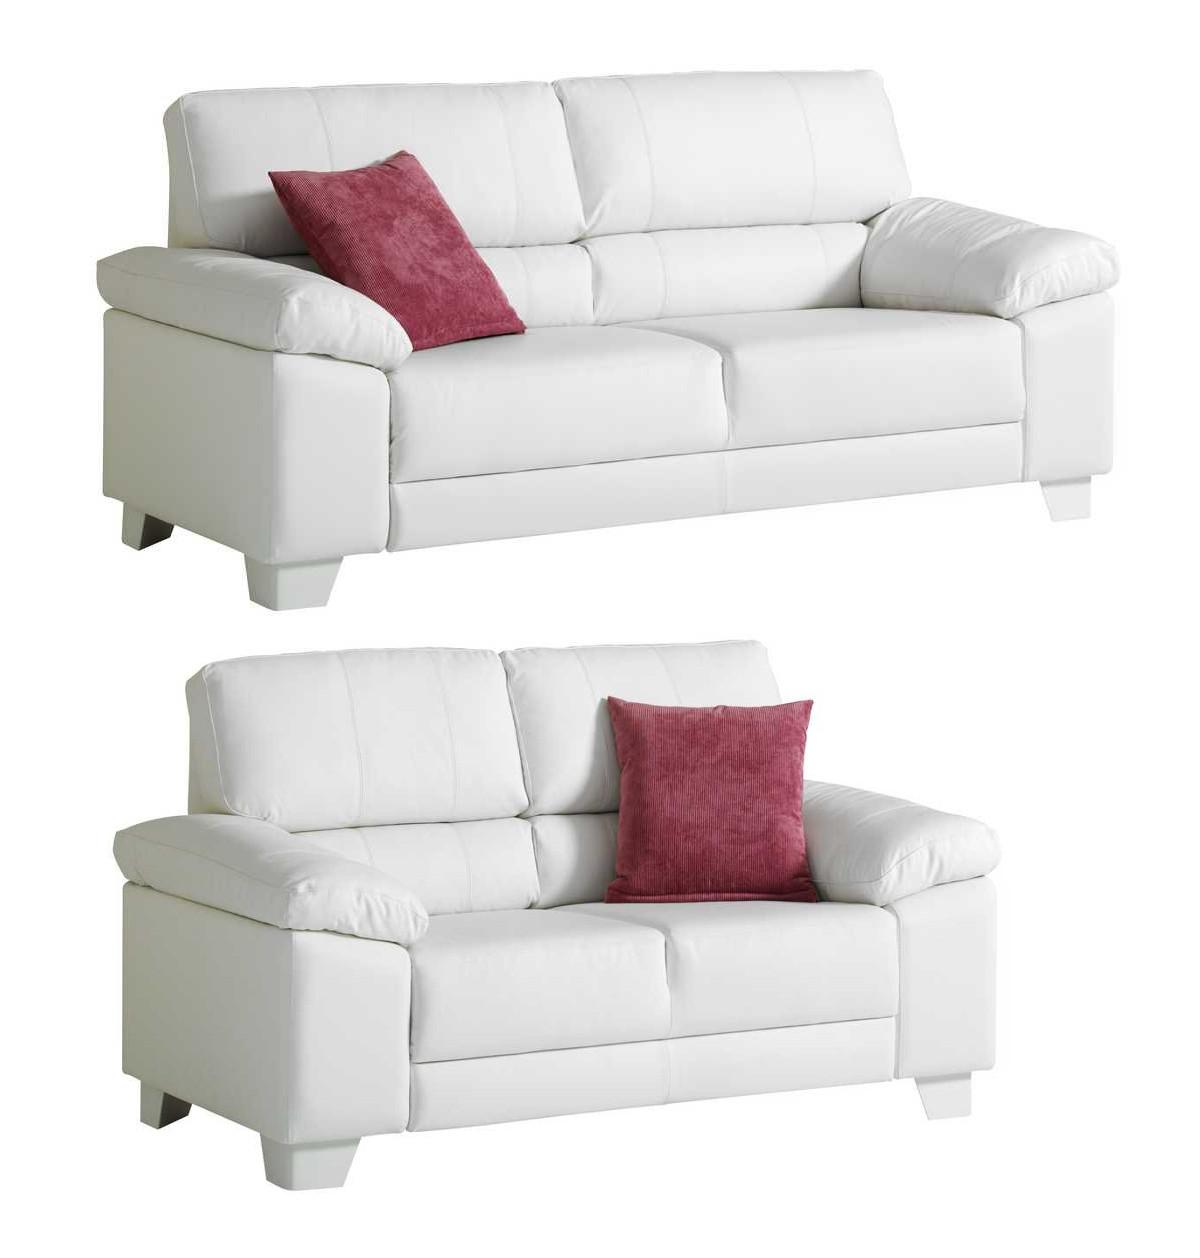 Pinja 3+2 sohvat musta tai valkoinen nahka/kn